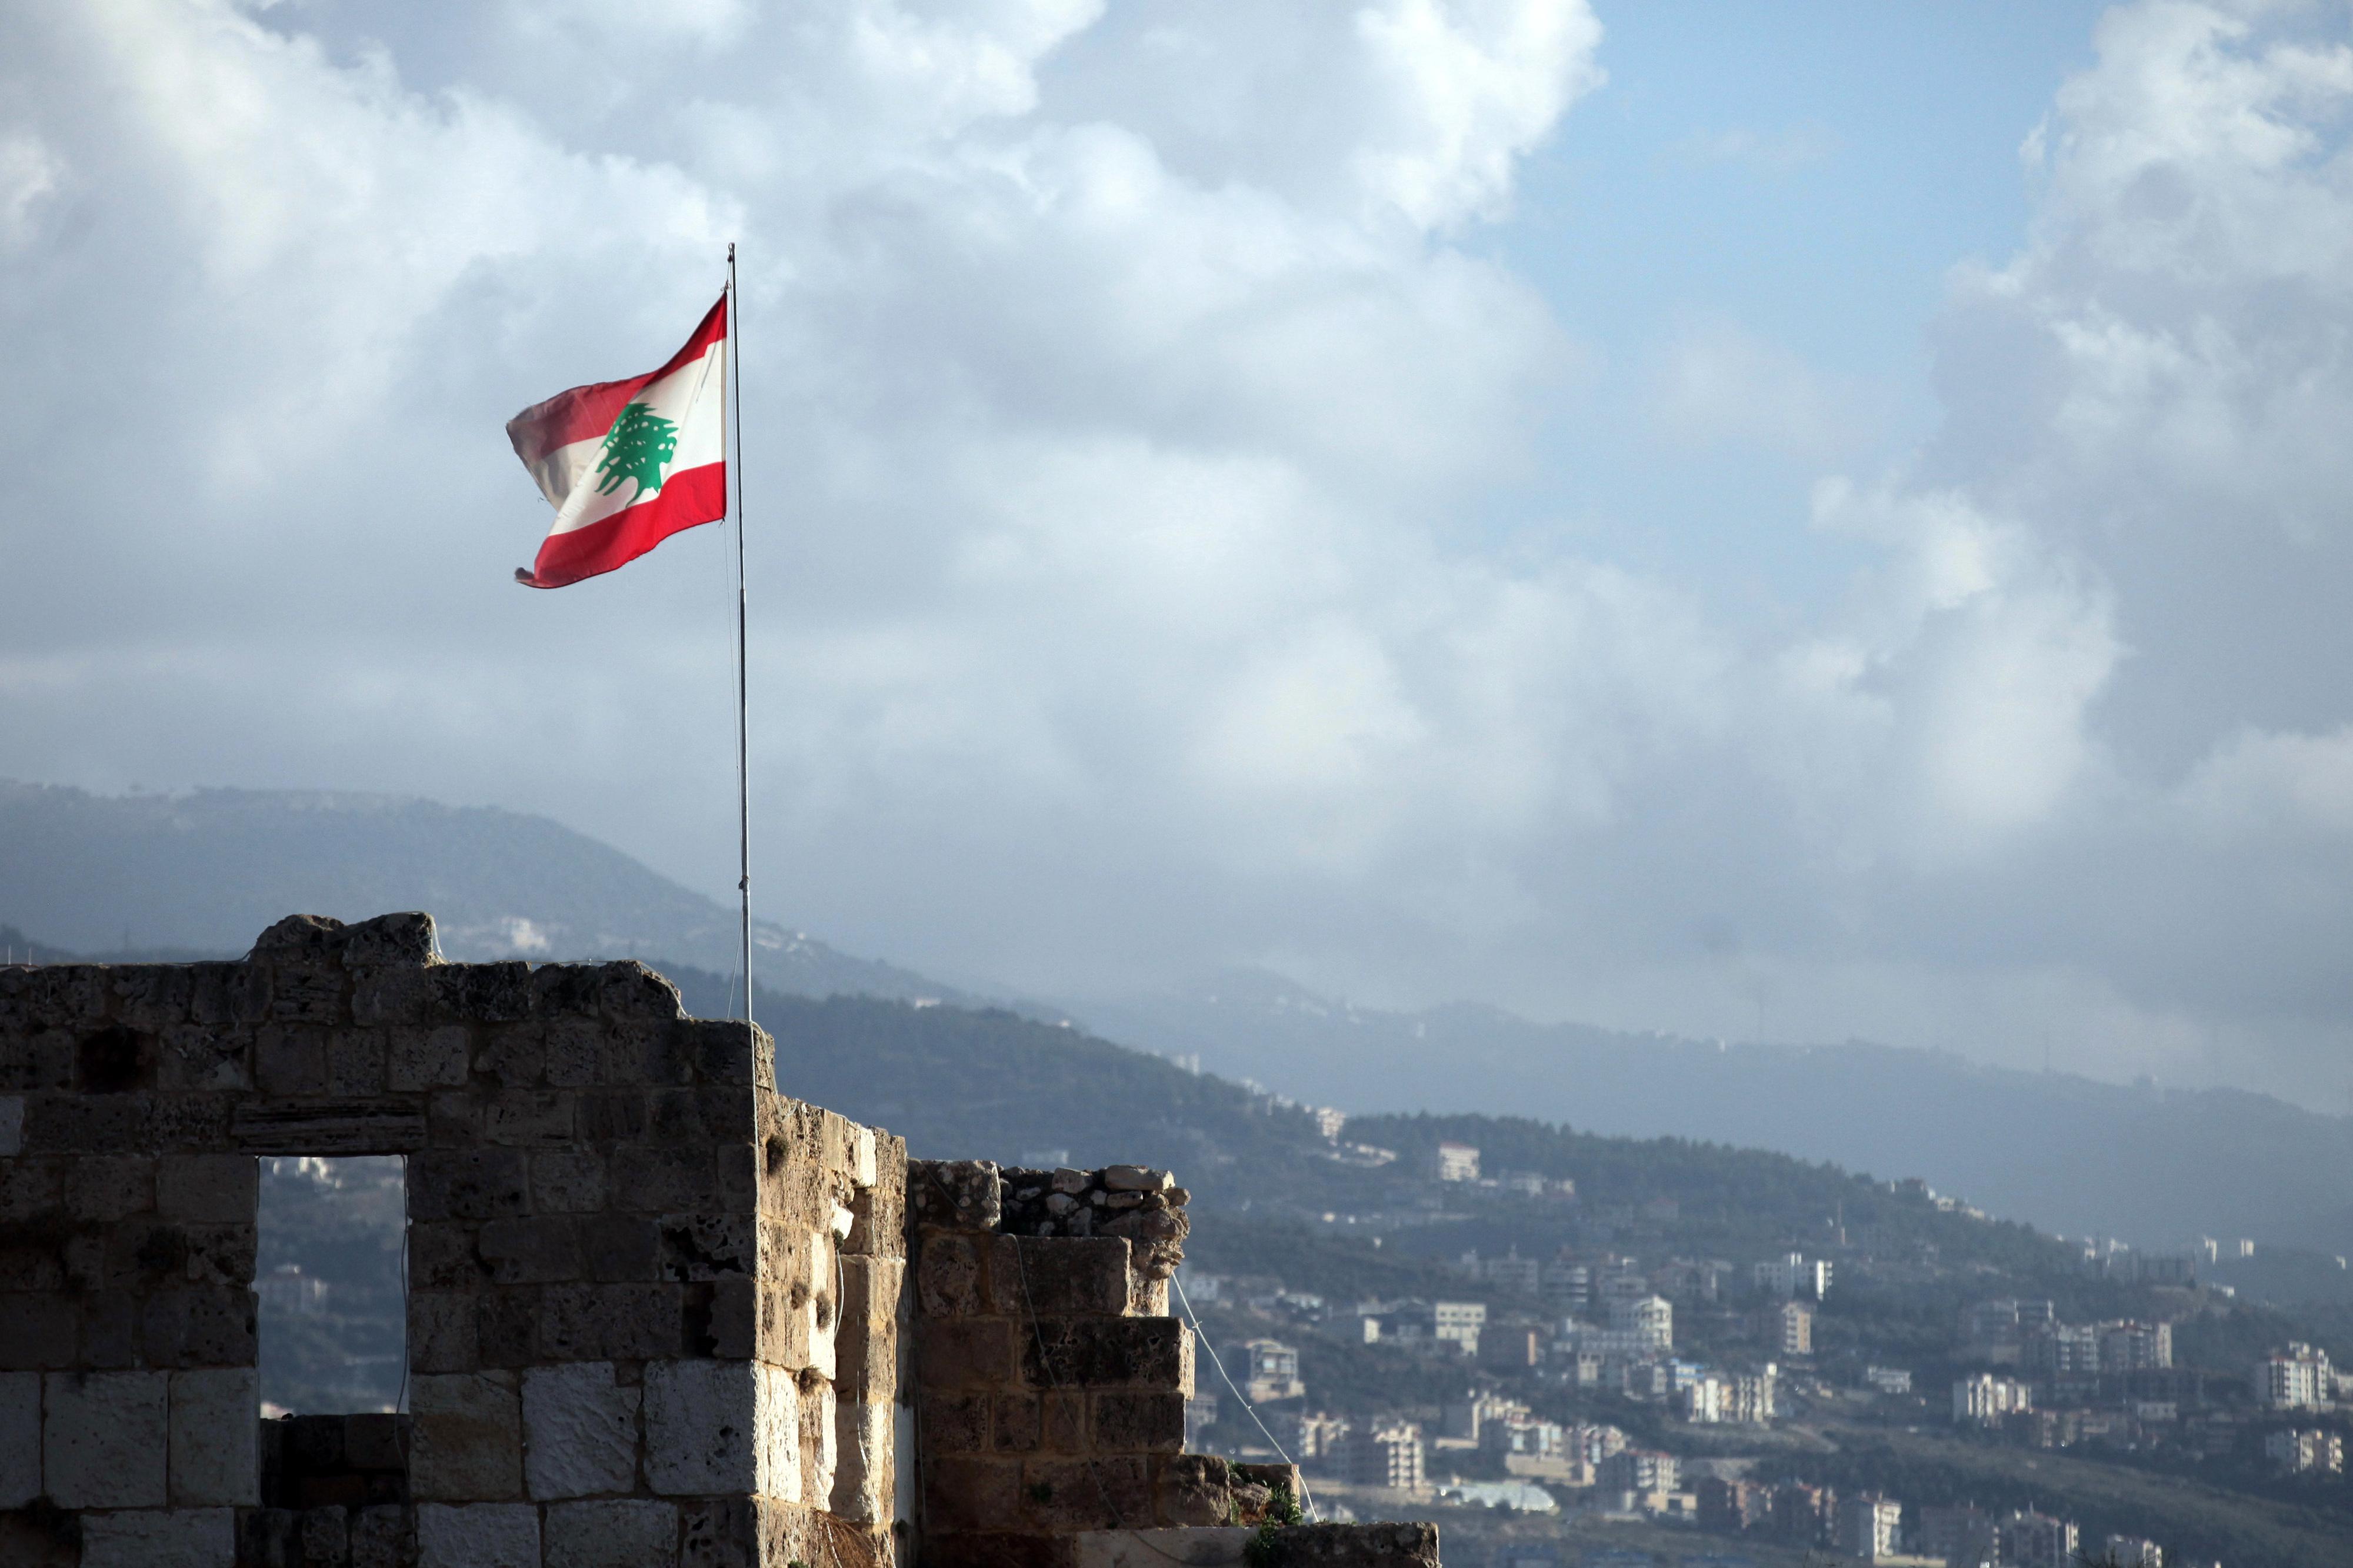 Reunião internacional na quarta-feira em Paris para discutir crise no Líbano